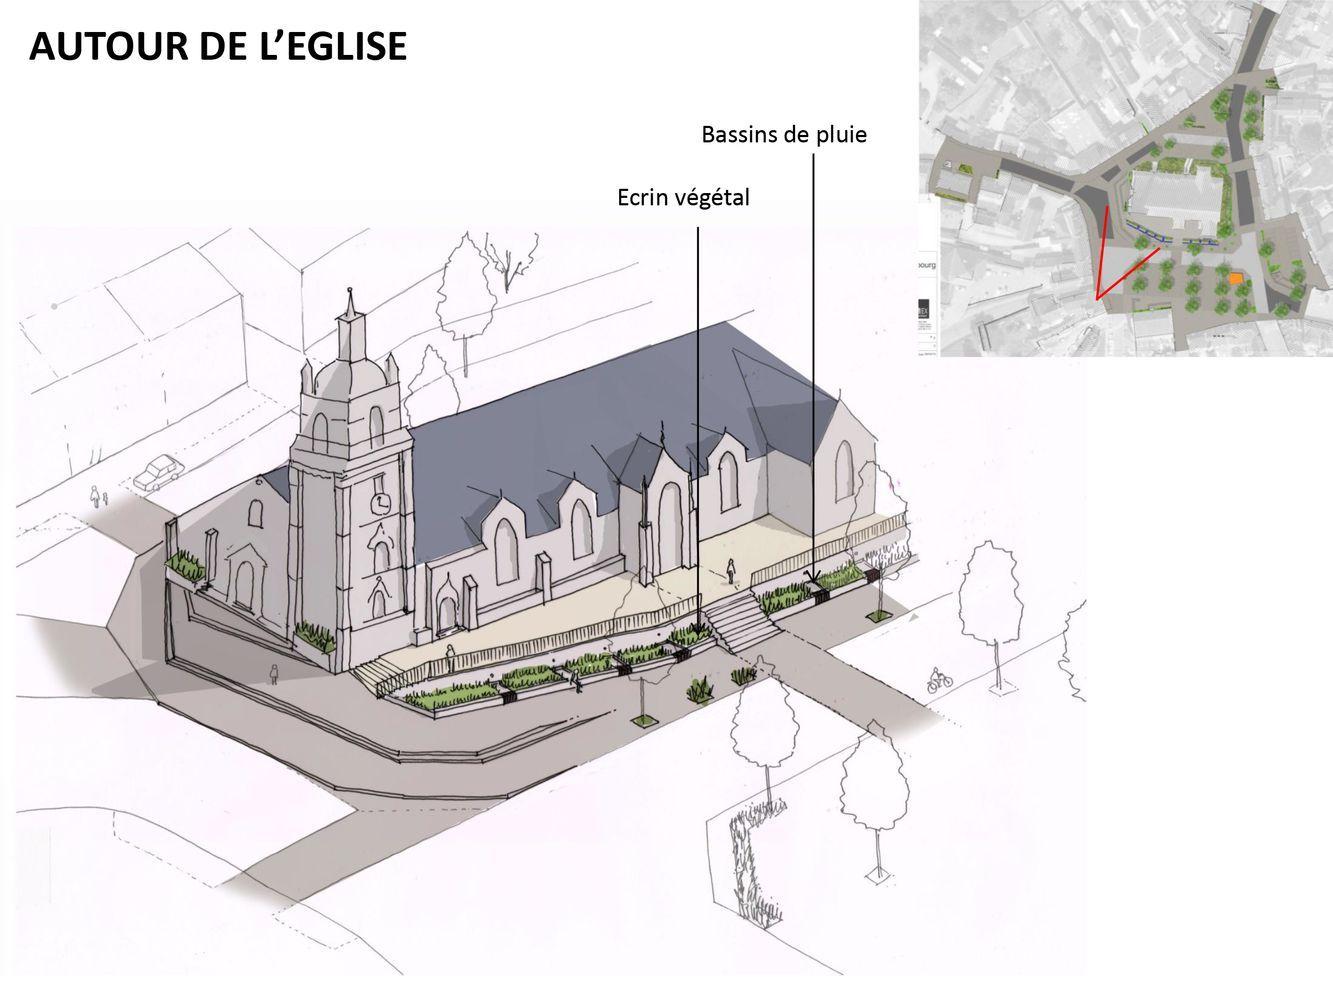 Autour de l'église centre bourg de Plouaret axo